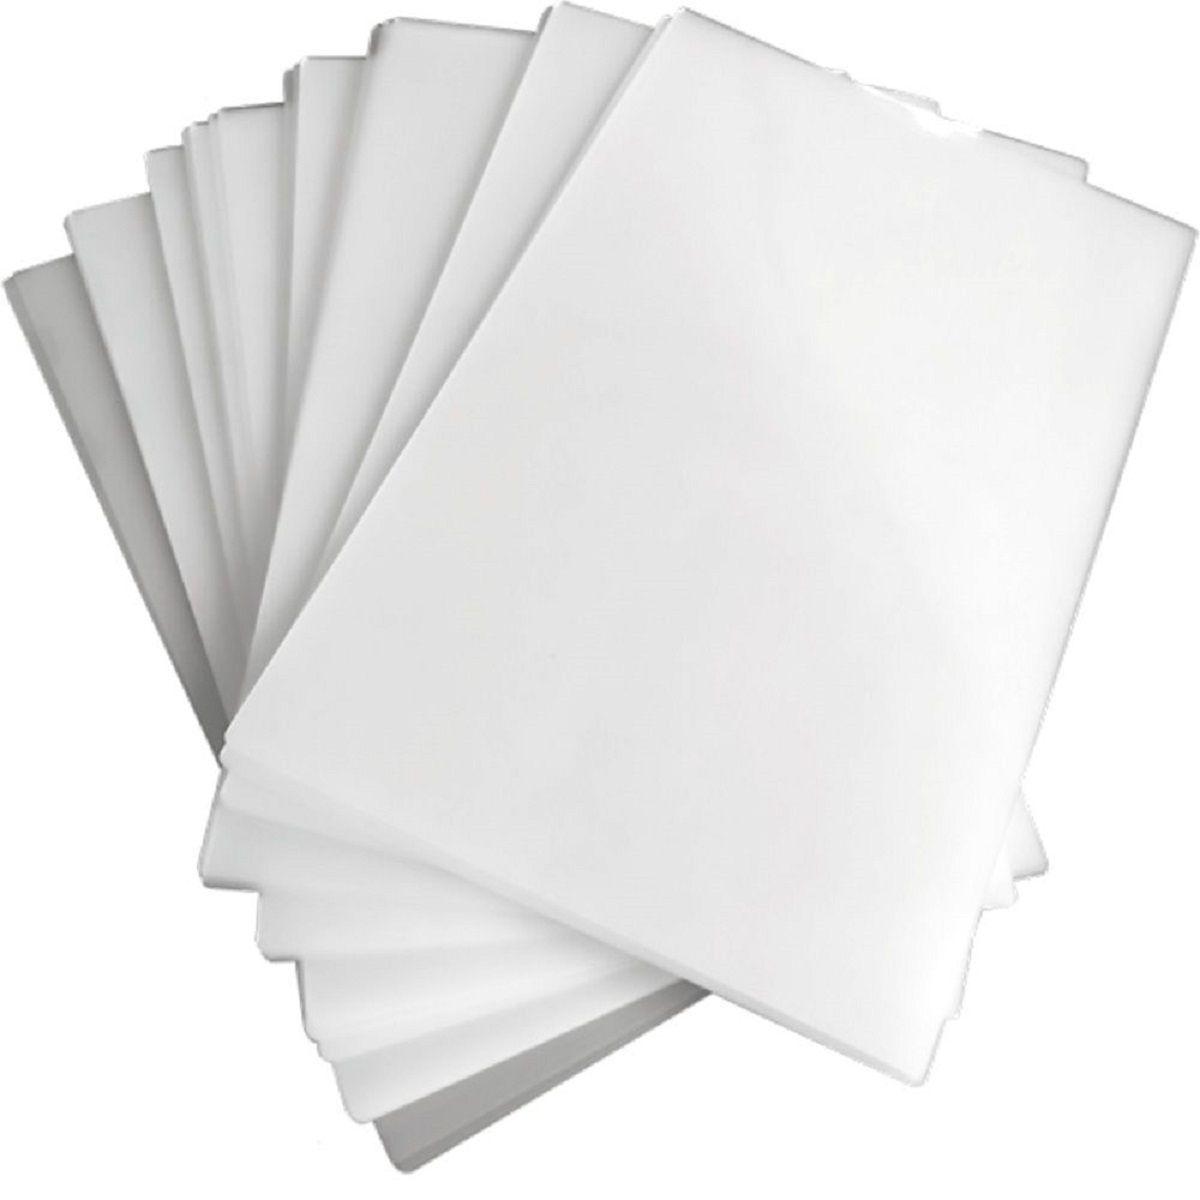 Polaseal para Plastificação A4 220x307x0,07mm (175 micras) - Pacote com 20 Plásticos  - Click Suprimentos